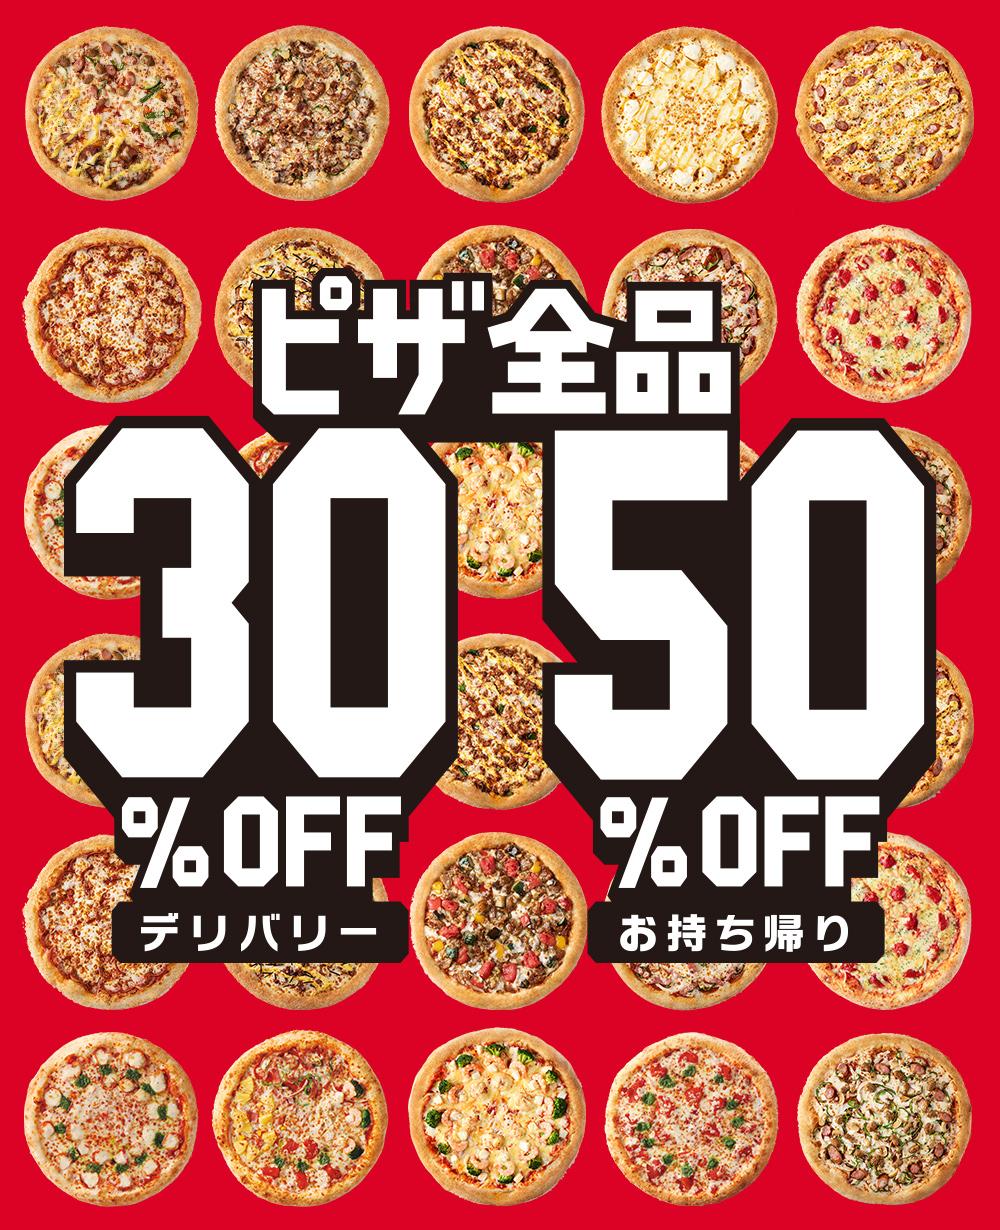 ピザハットのピザ「スペシャルプライス」キャンペーン。ピザ全品デリバリーで30%OFF、テイクアウトで50%OFF。